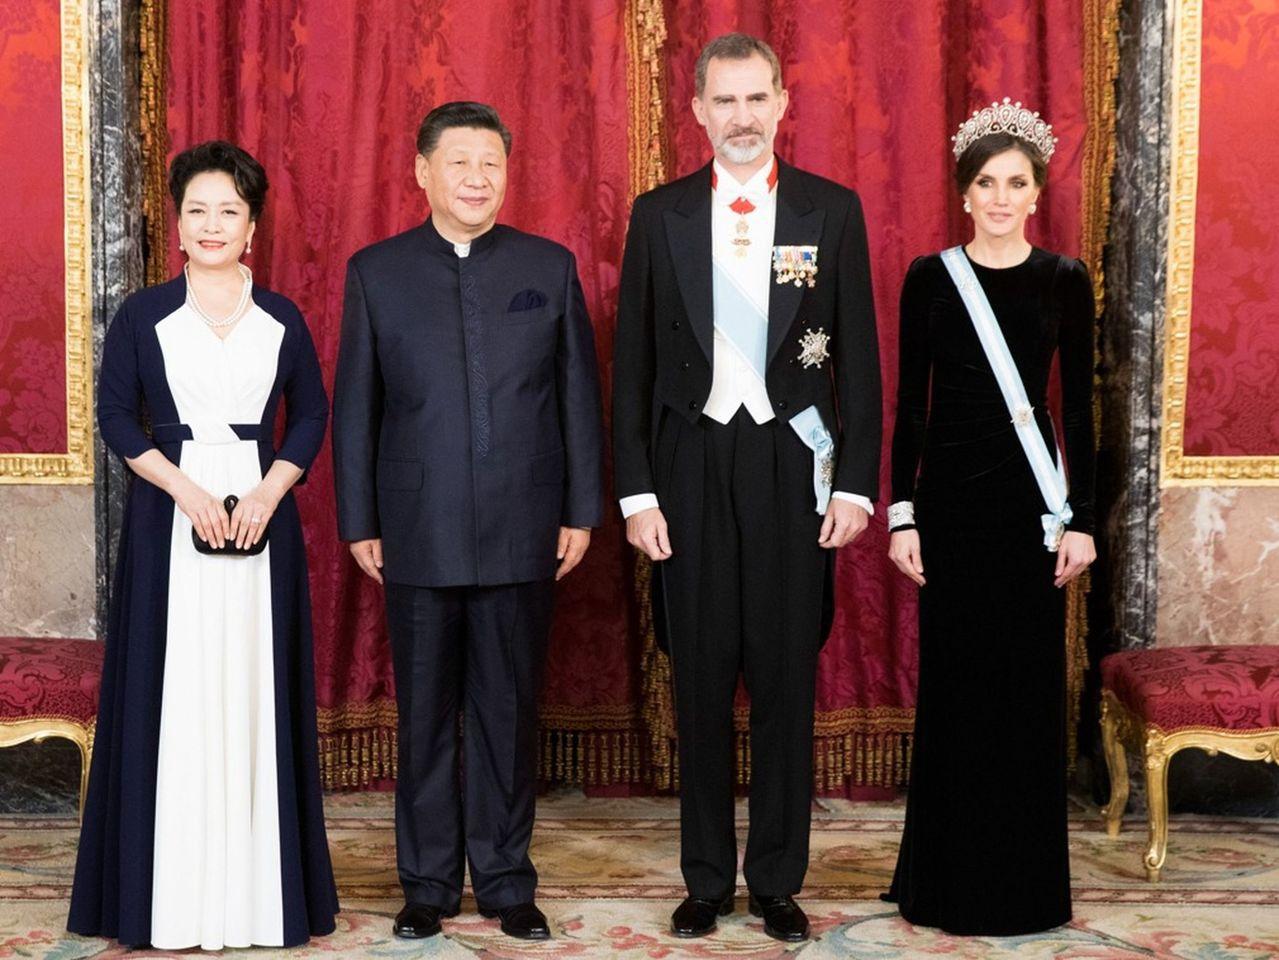 習近平此次所著的中式禮服是由中山裝改良而成,中方外訪統一中式禮服此前並不多見。新...